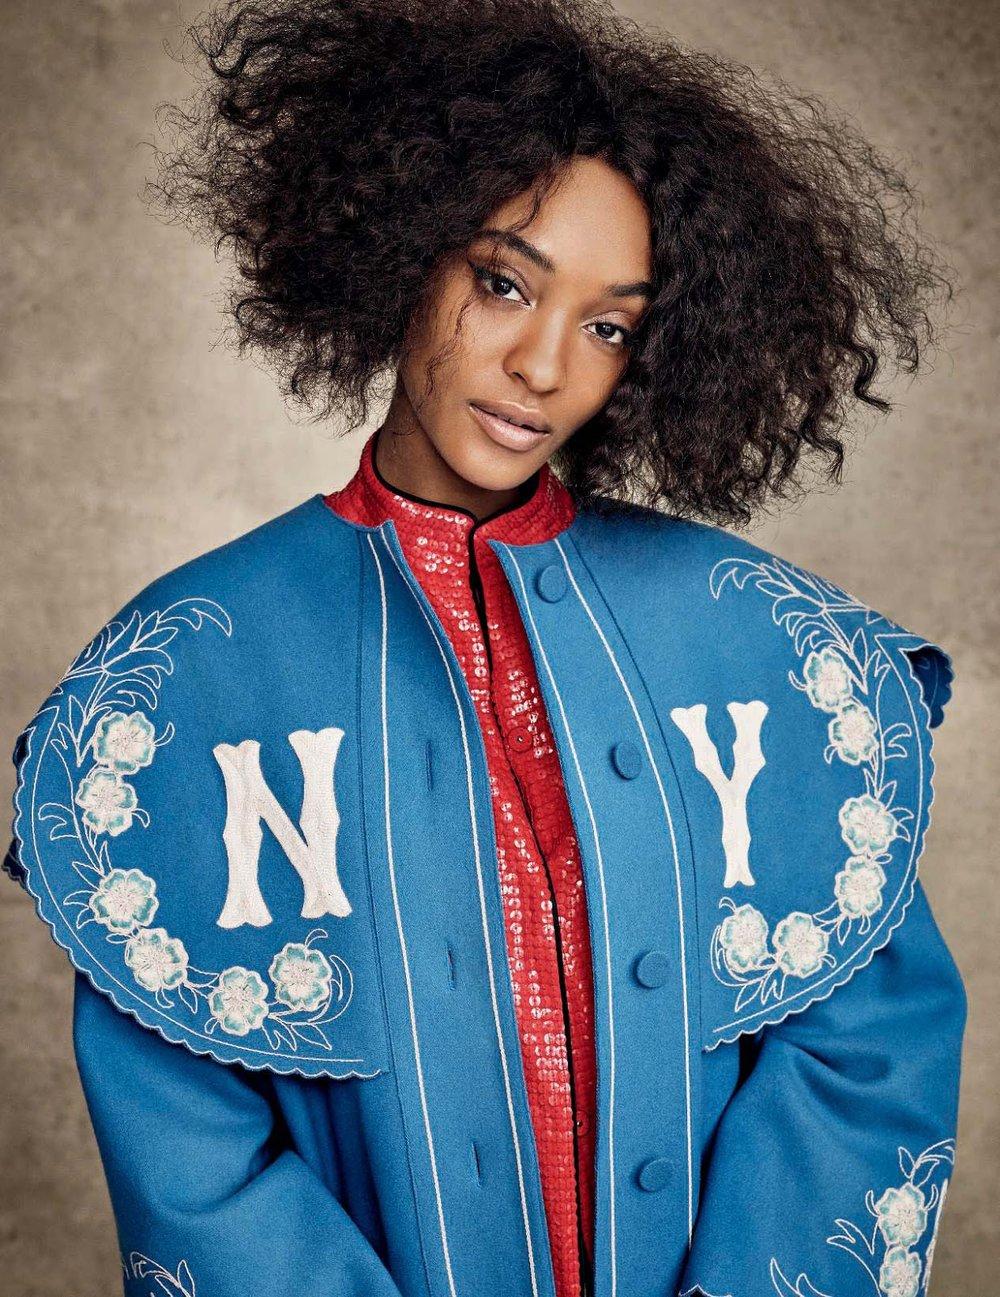 Jourdan Dunn by Victor Demarchelier for Elle Italia Nov 2018 (1).jpg